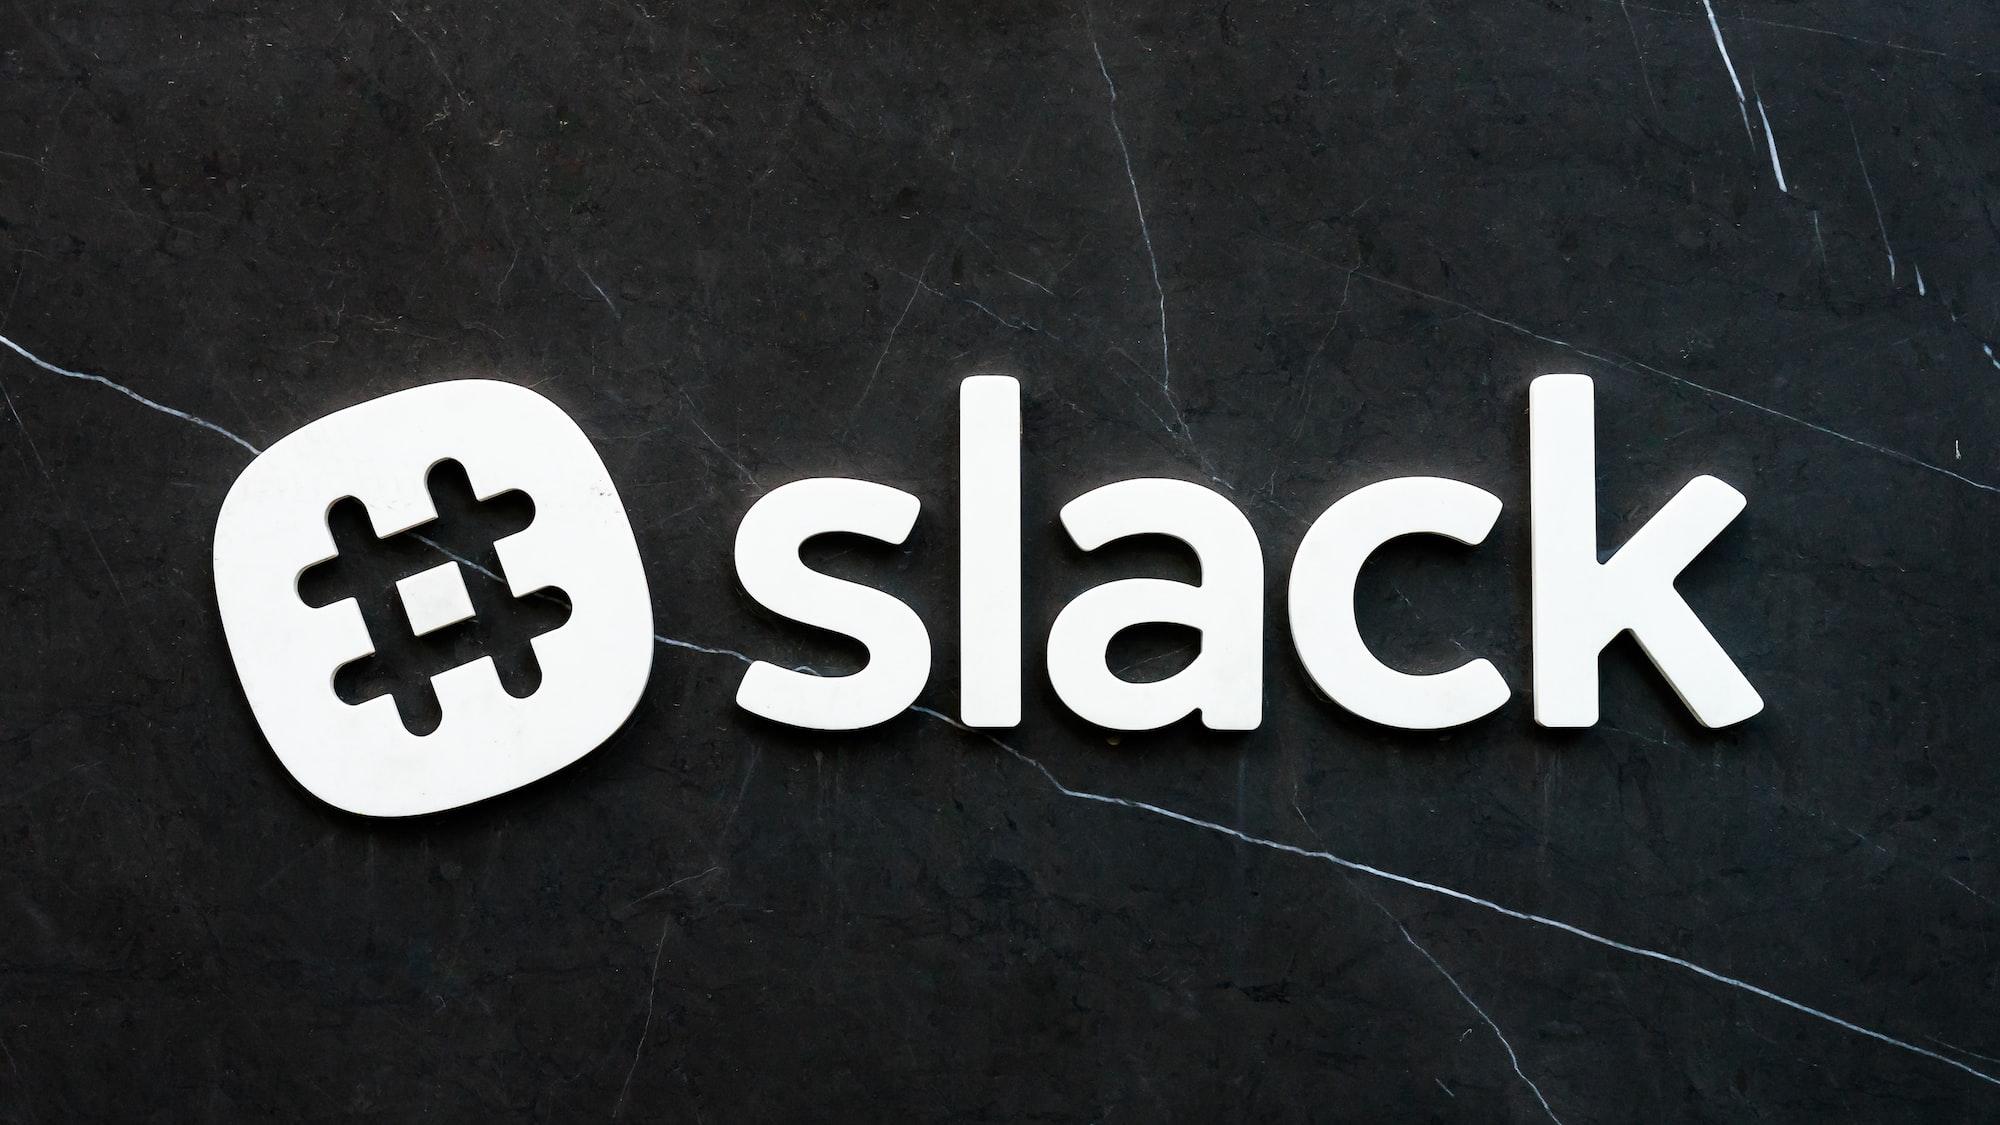 Ep3. 슬랙(Slack)이 하루 만에 8천 명의 고객을 모은 방법